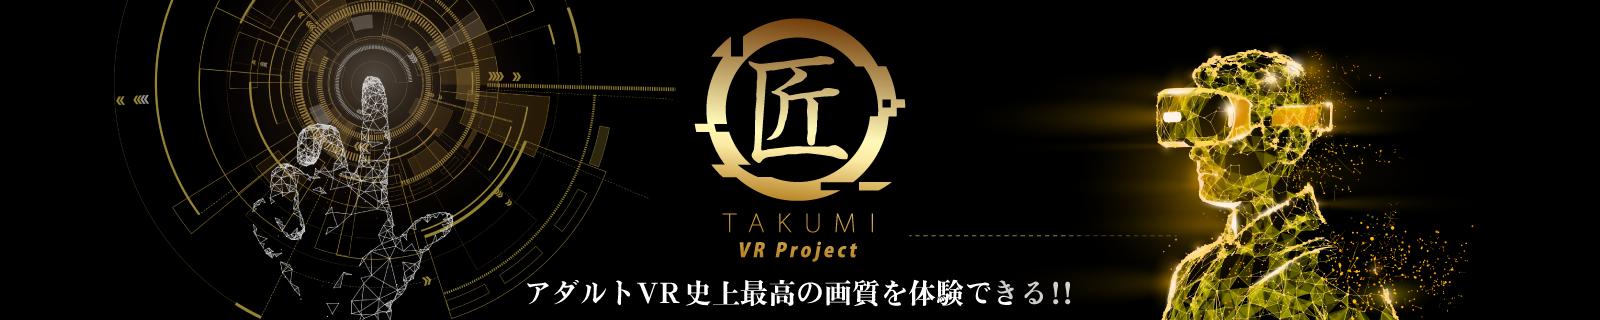 匠シリーズ - アダルトVR史上最高の画質プロジェクト